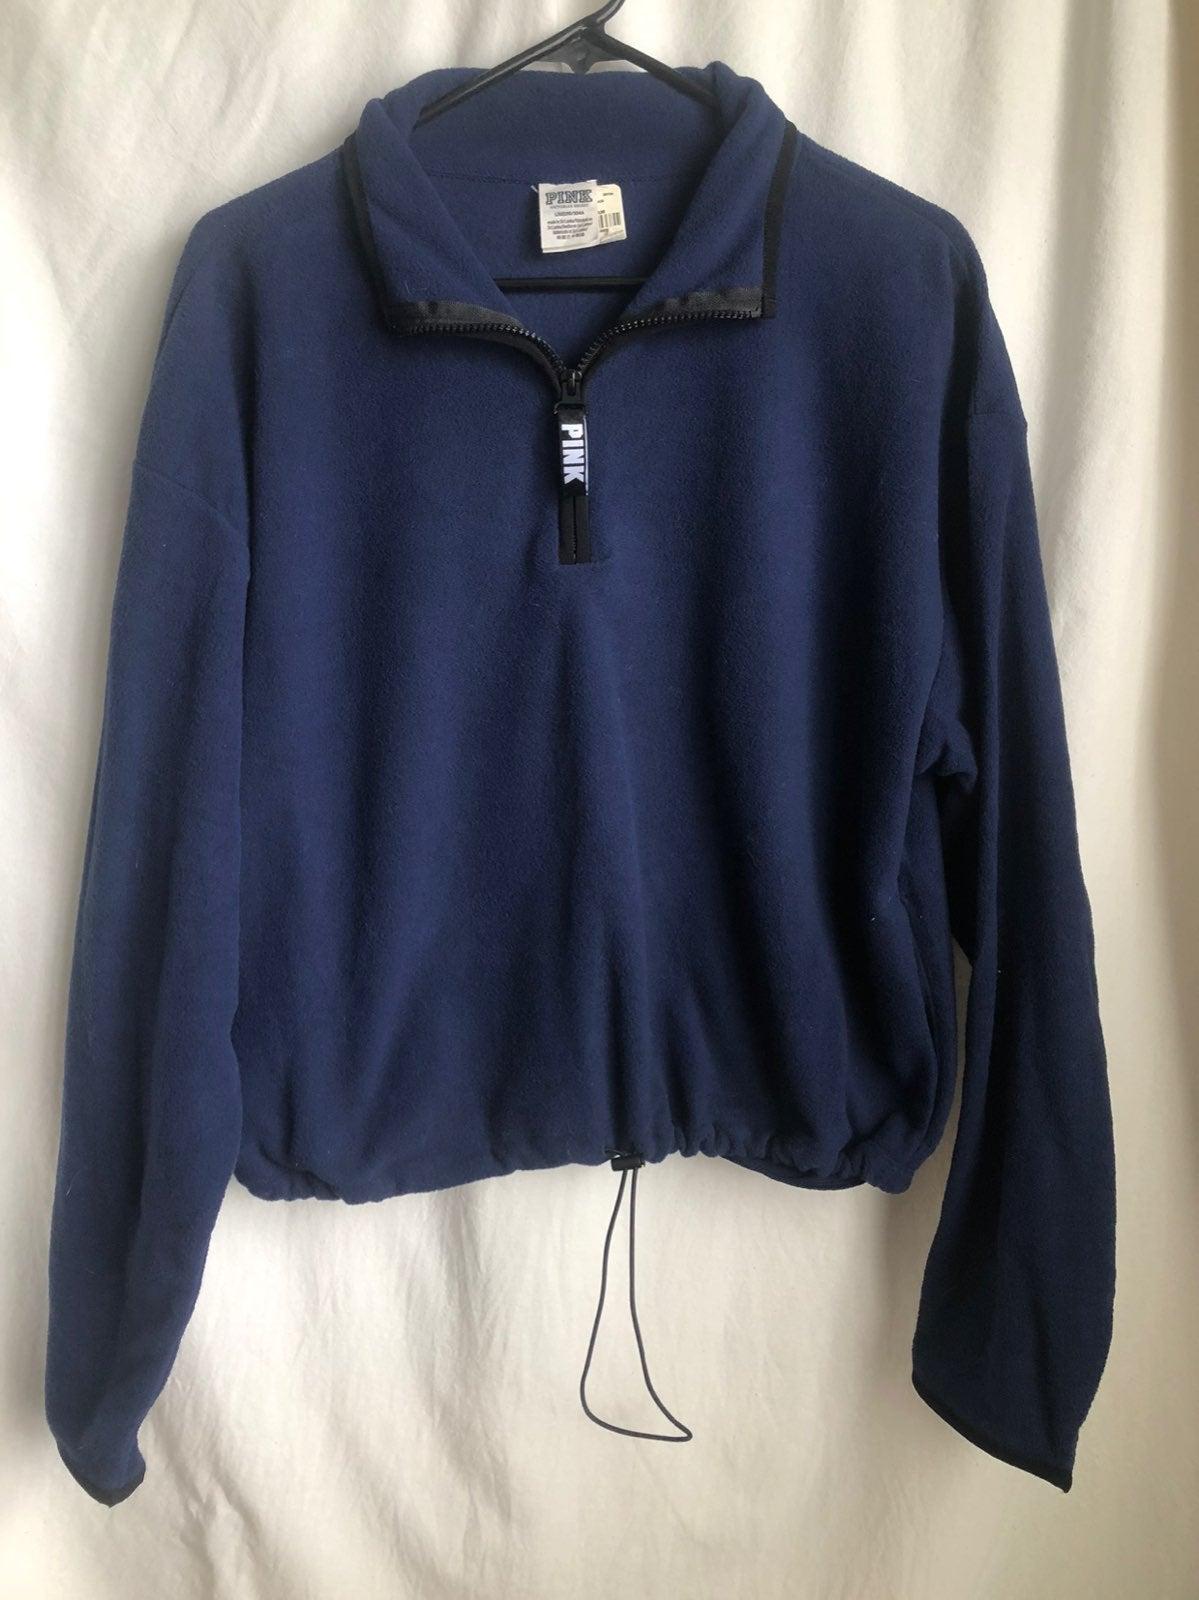 PINK fleece half-zip